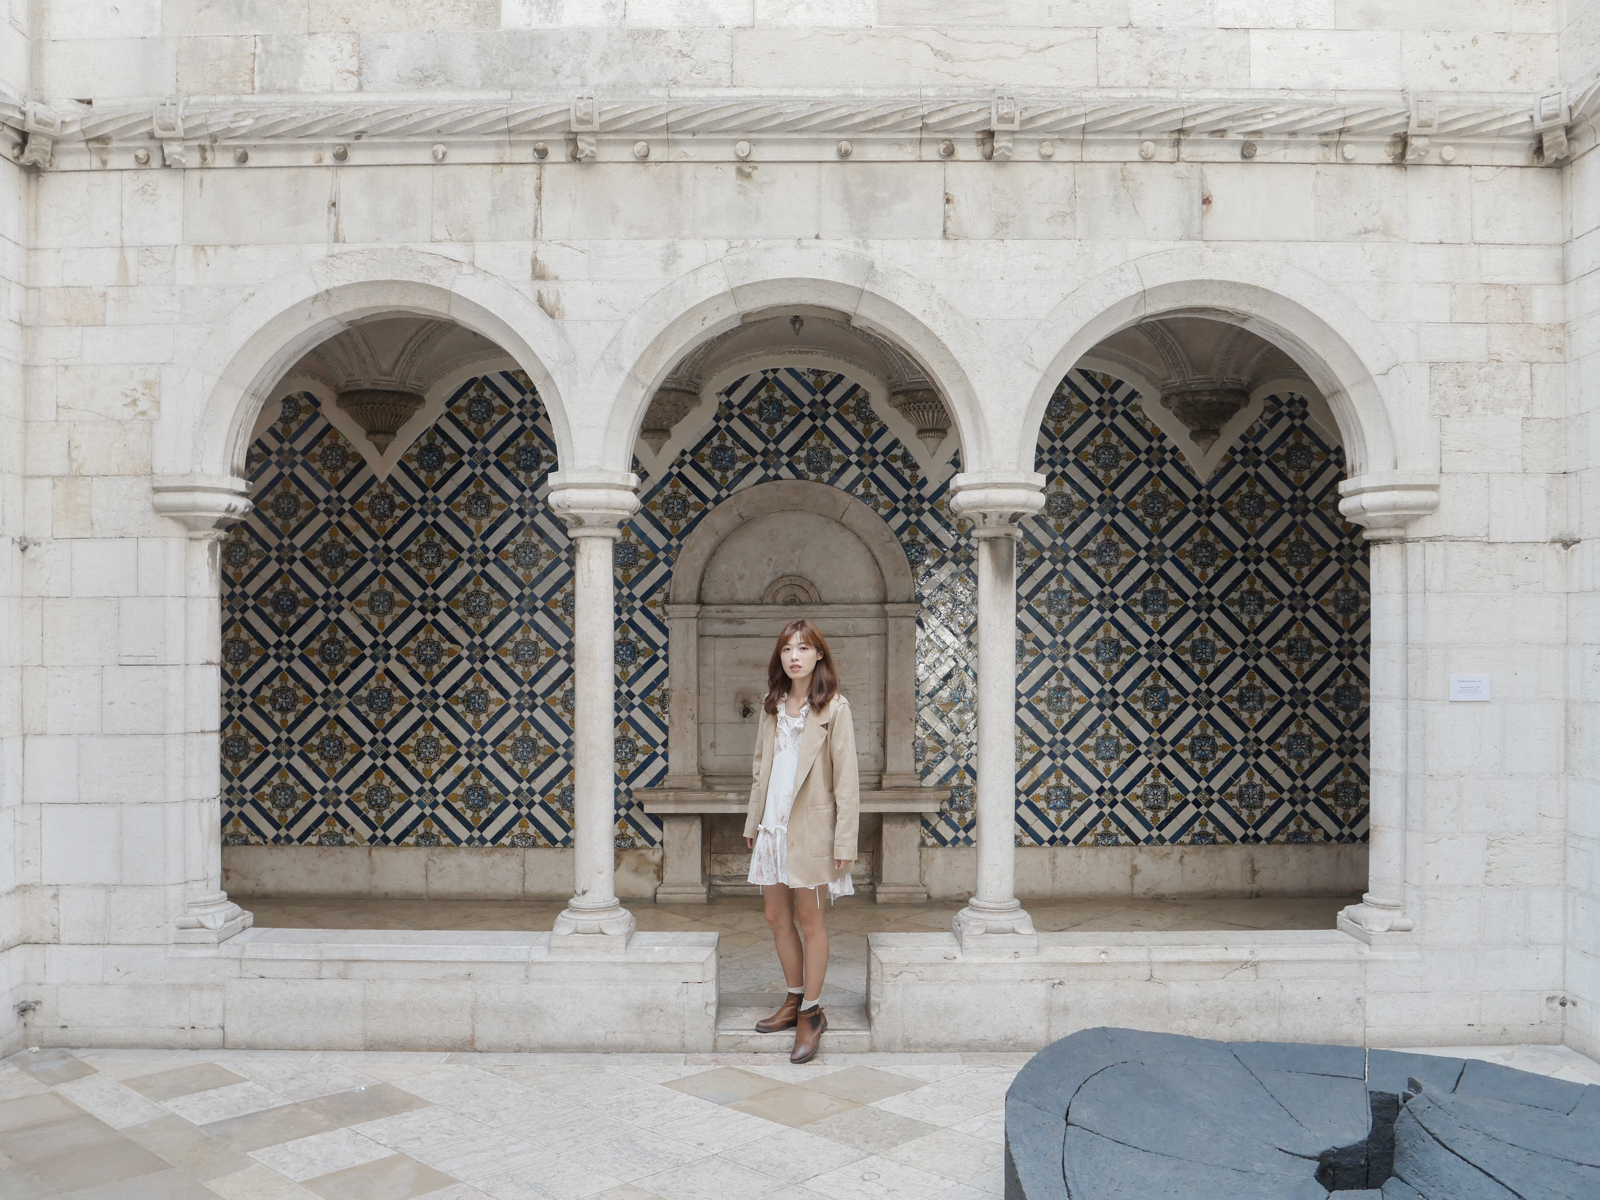 葡萄牙里斯本景點 Museu Nacional do Azulejo 磁磚博物館 葡萄牙花磚饗宴